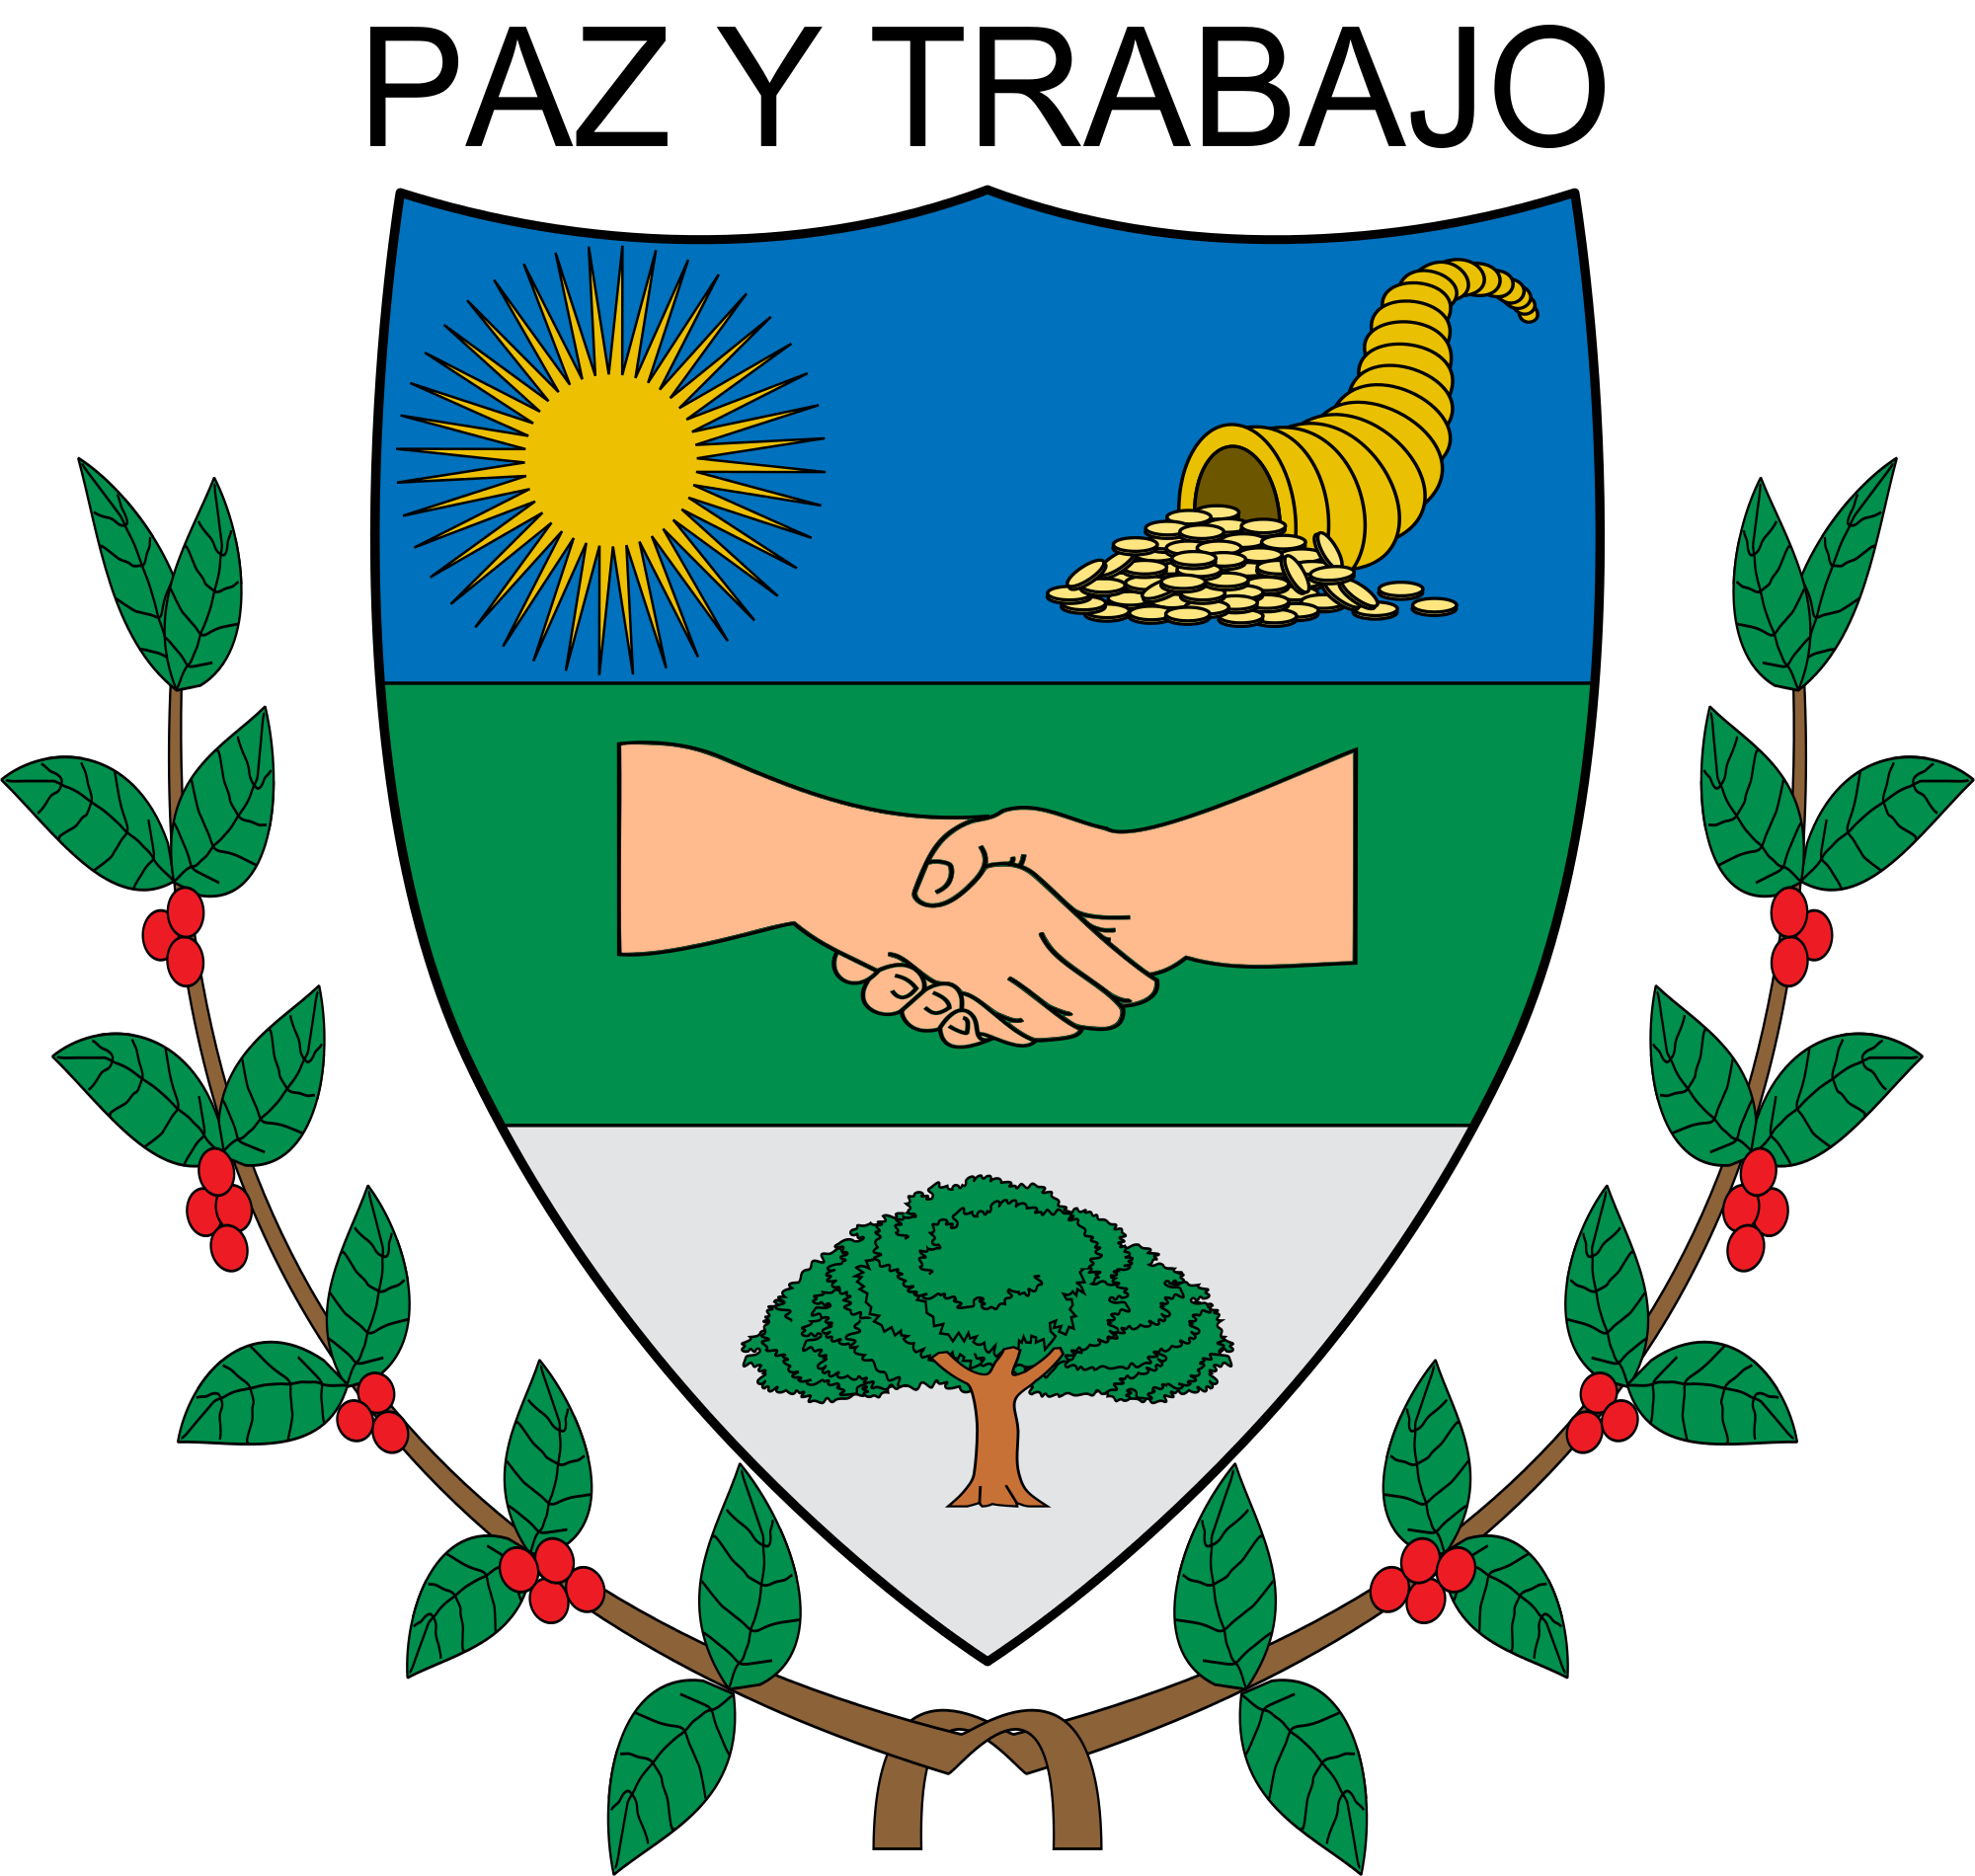 File:Escudo de Alcalá (Valle del Cauca).svg.